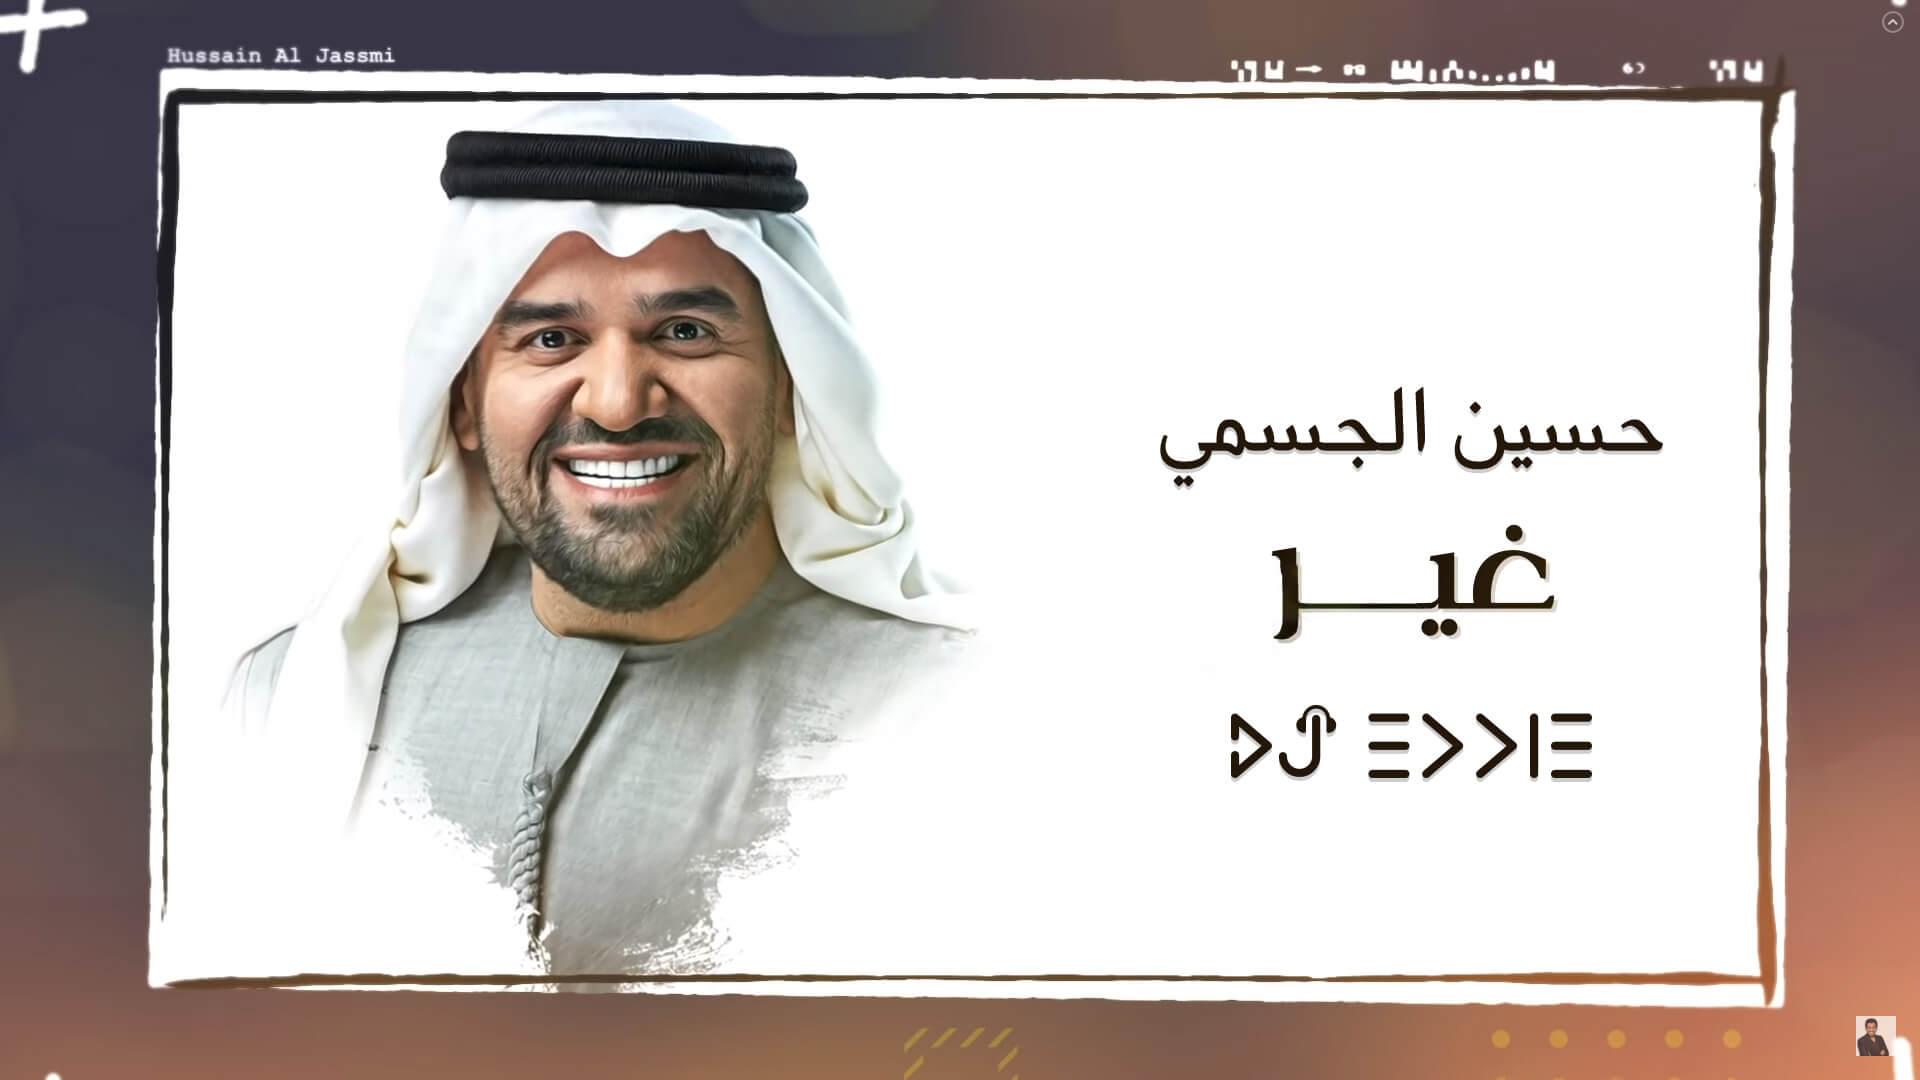 حسين الجسمي غير Hussain Al Jassmi Ghir